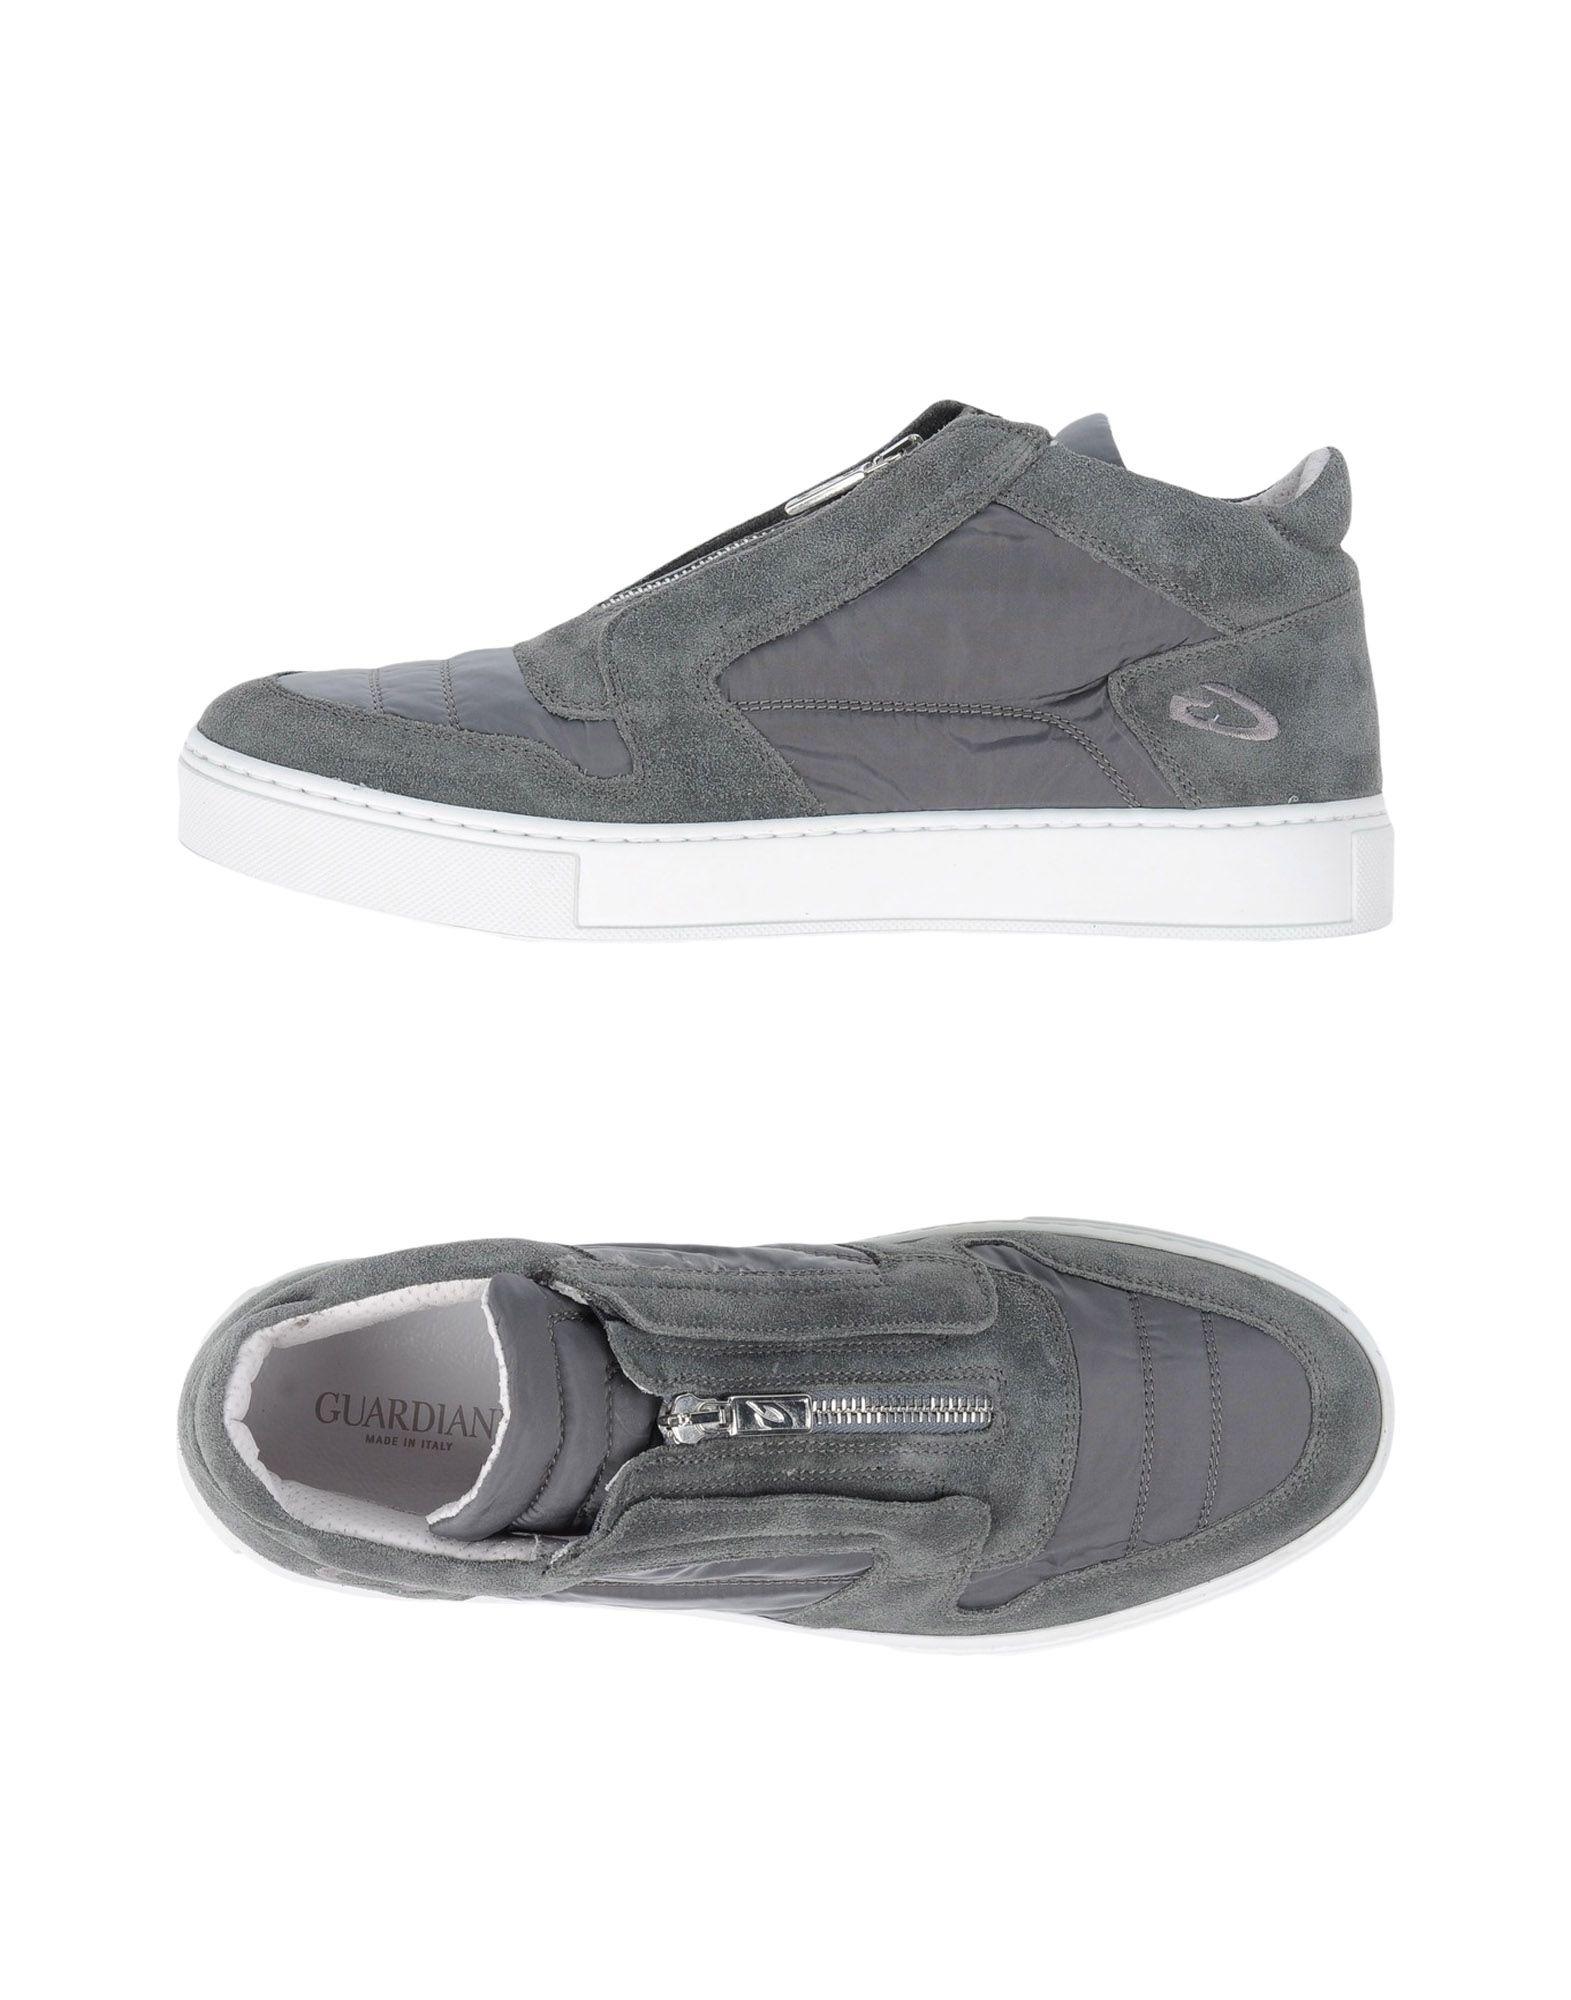 Alberto Herren Guardiani Sneakers Herren Alberto  11272274IM 370d06